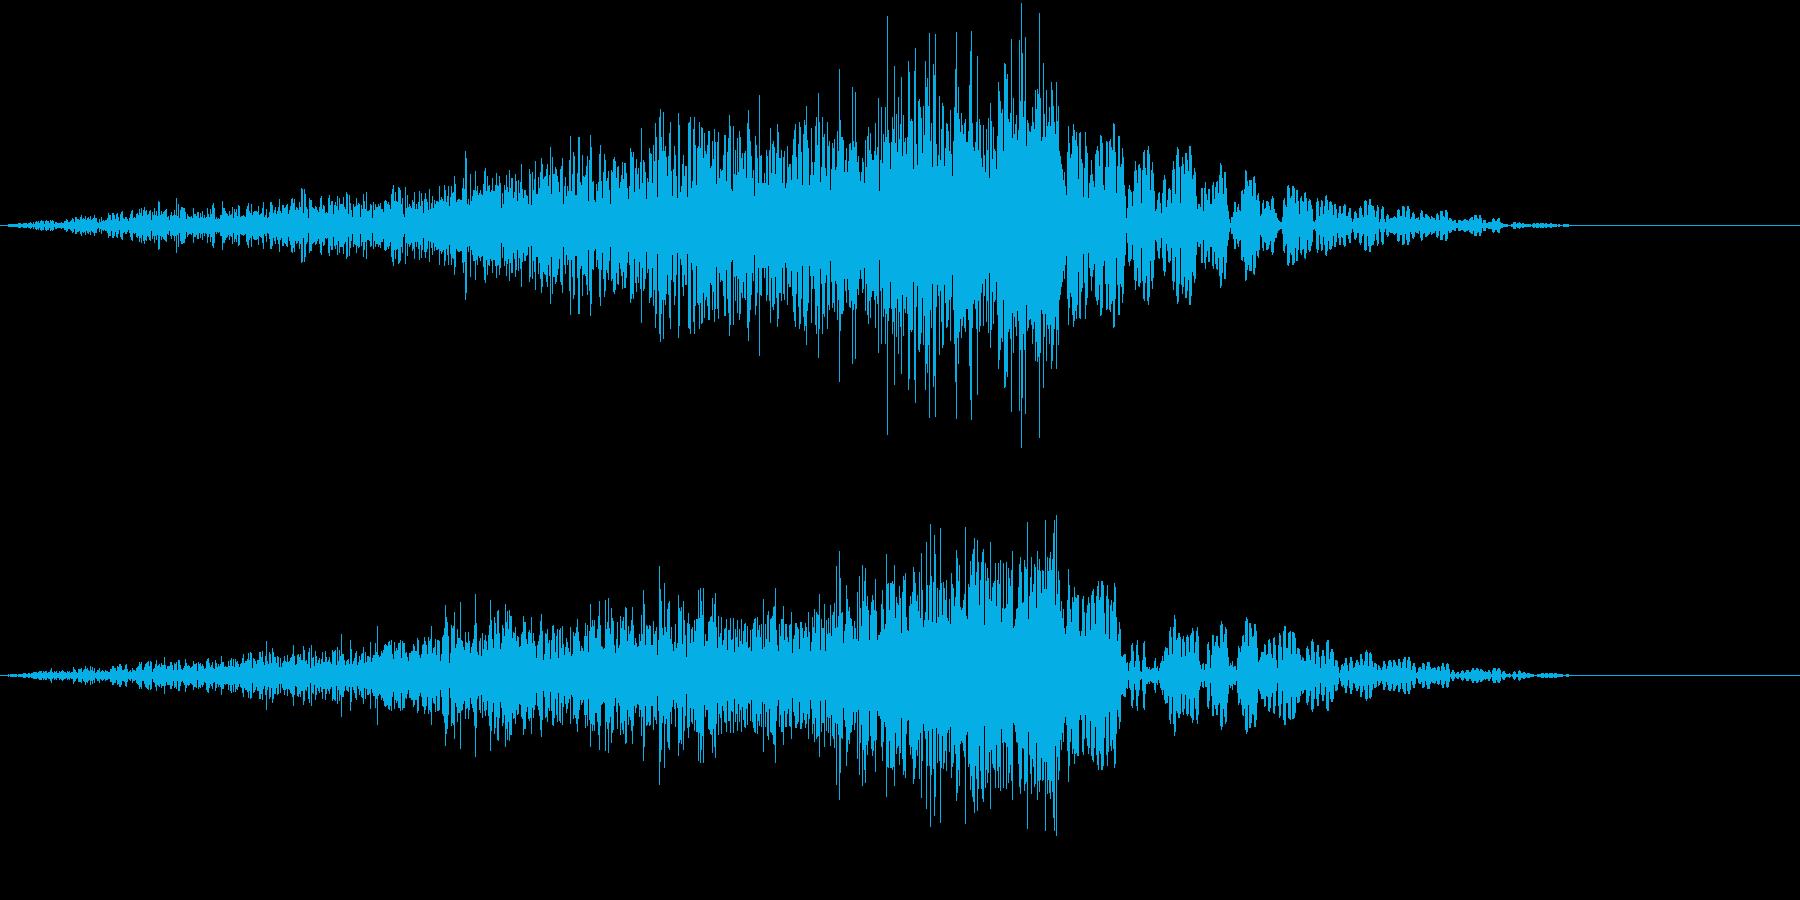 迫力ある上昇もしくは下降音の再生済みの波形